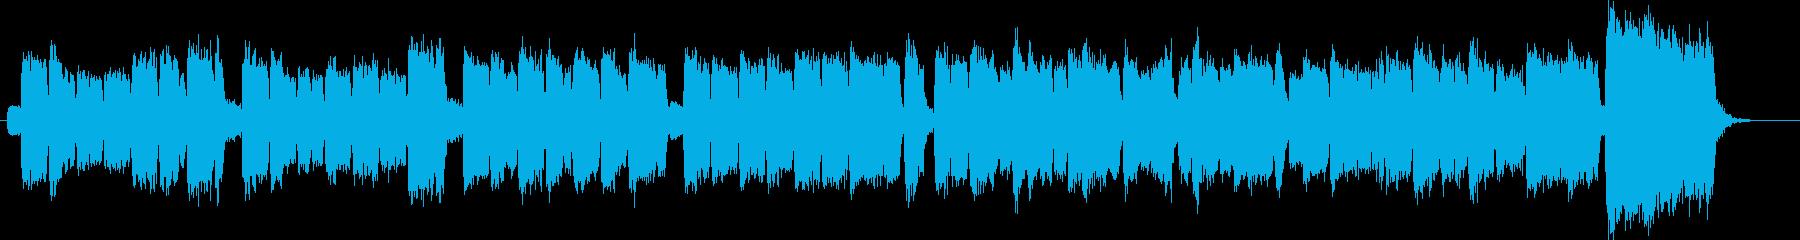 荘厳で温かみあるチャーチオルガン主体の曲の再生済みの波形